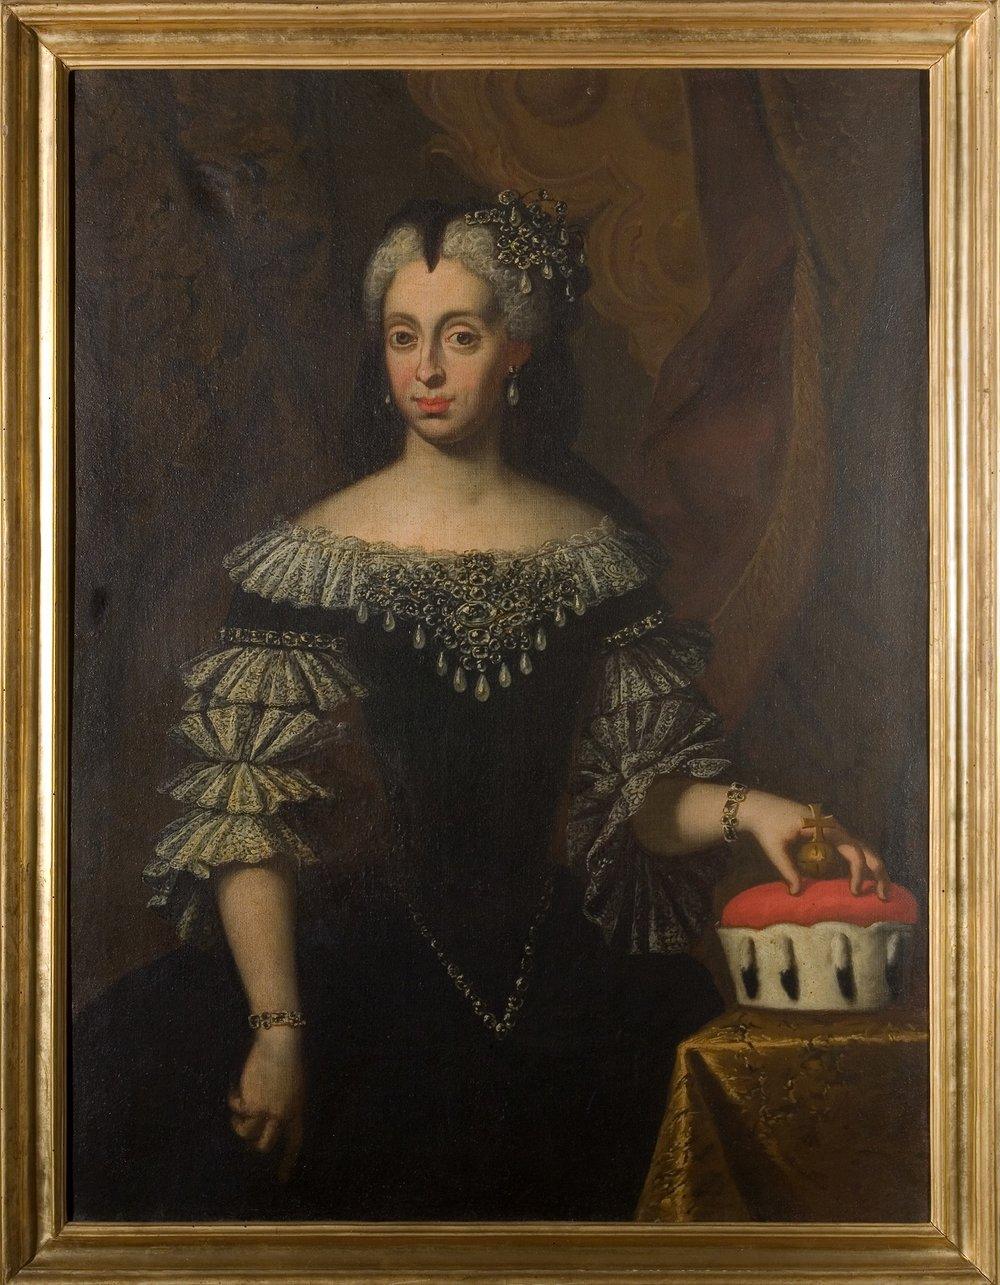 Anna Maria Luisa's portrait returned to Palazzo Vecchio, restored